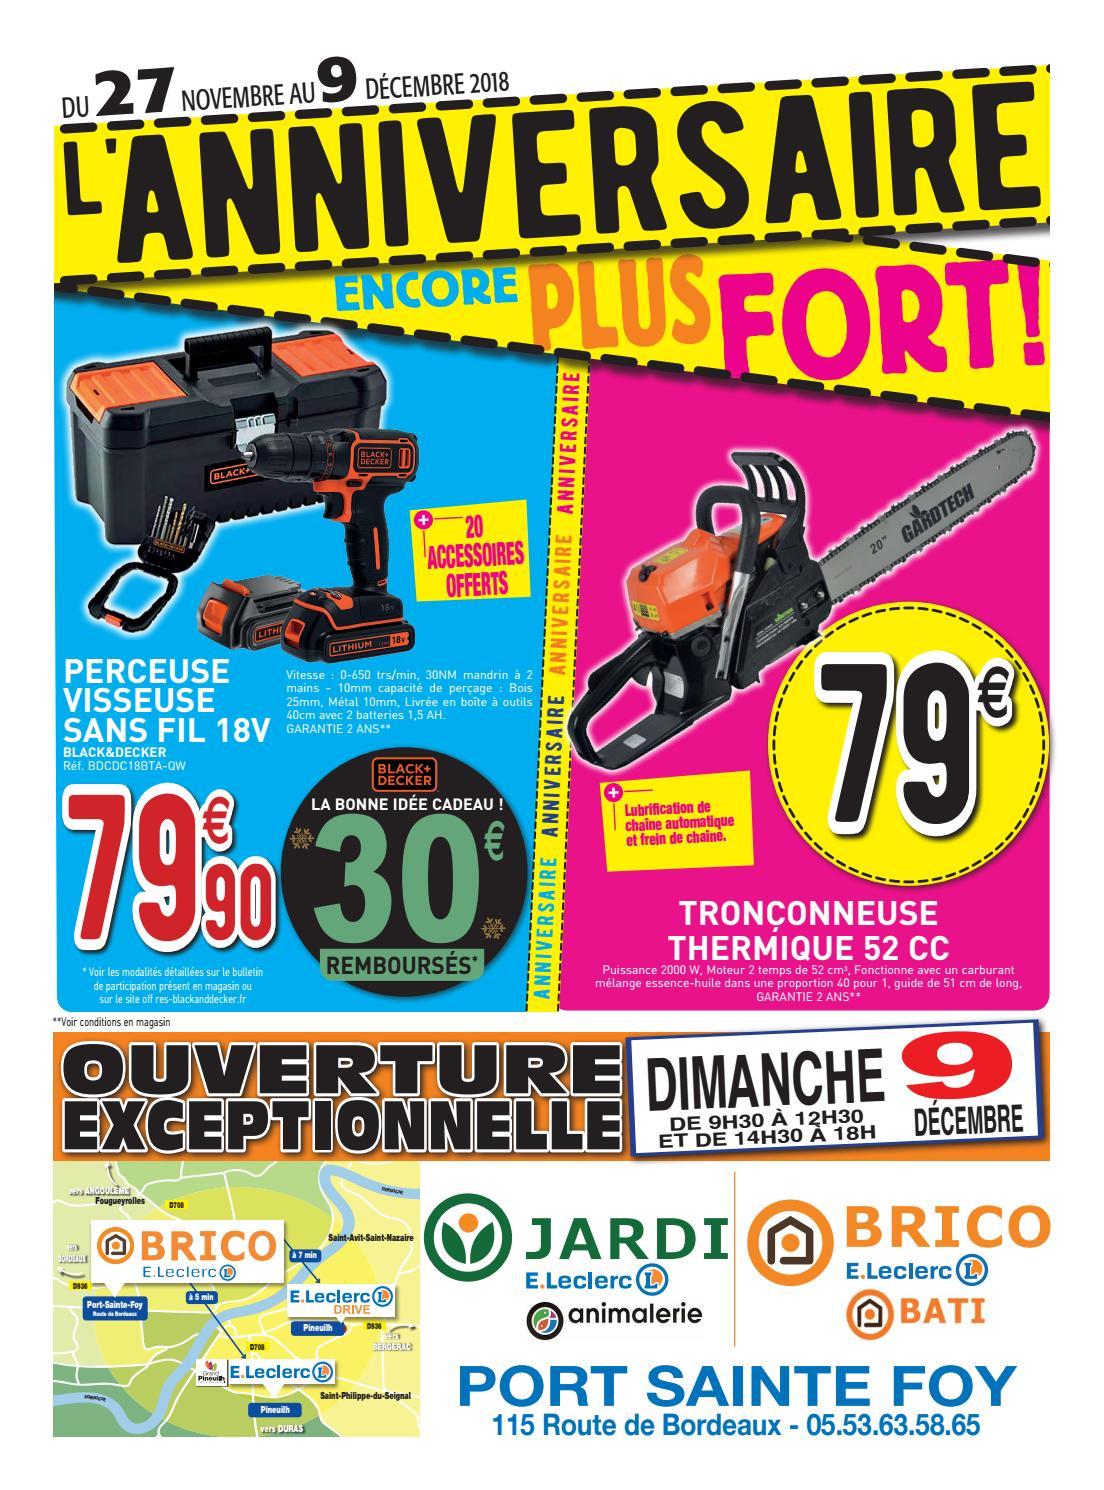 Anniversaire Brico Jardi De Port Sainte Foy By Centre